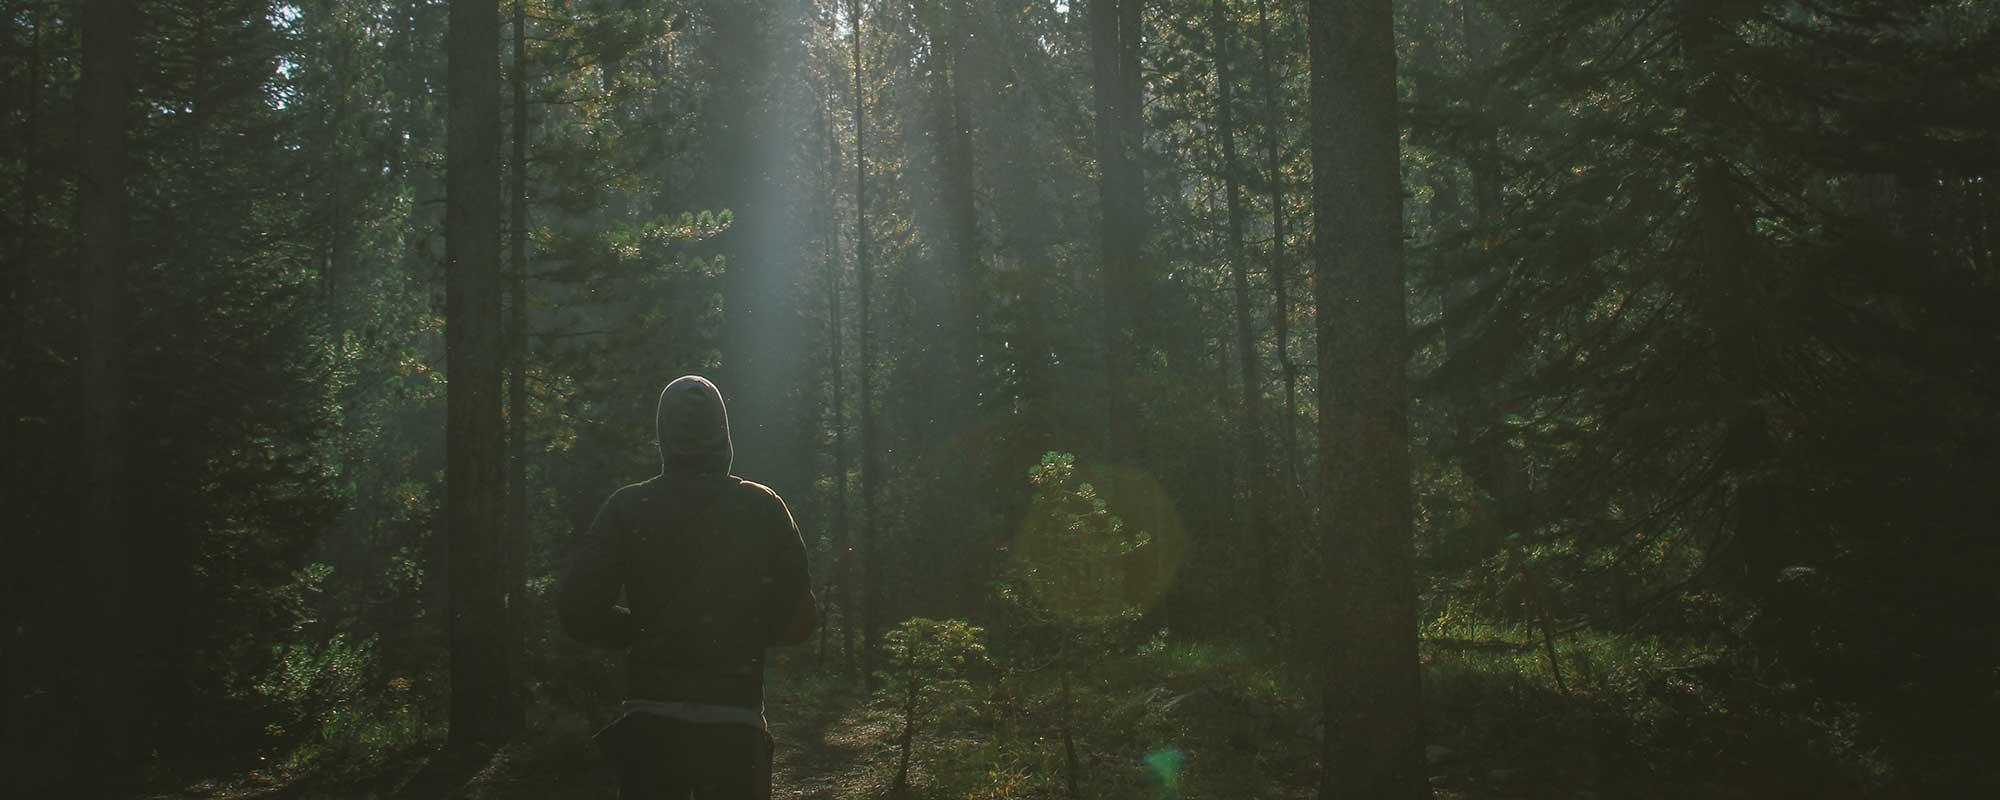 Bakgrund - person som joggar i en skog